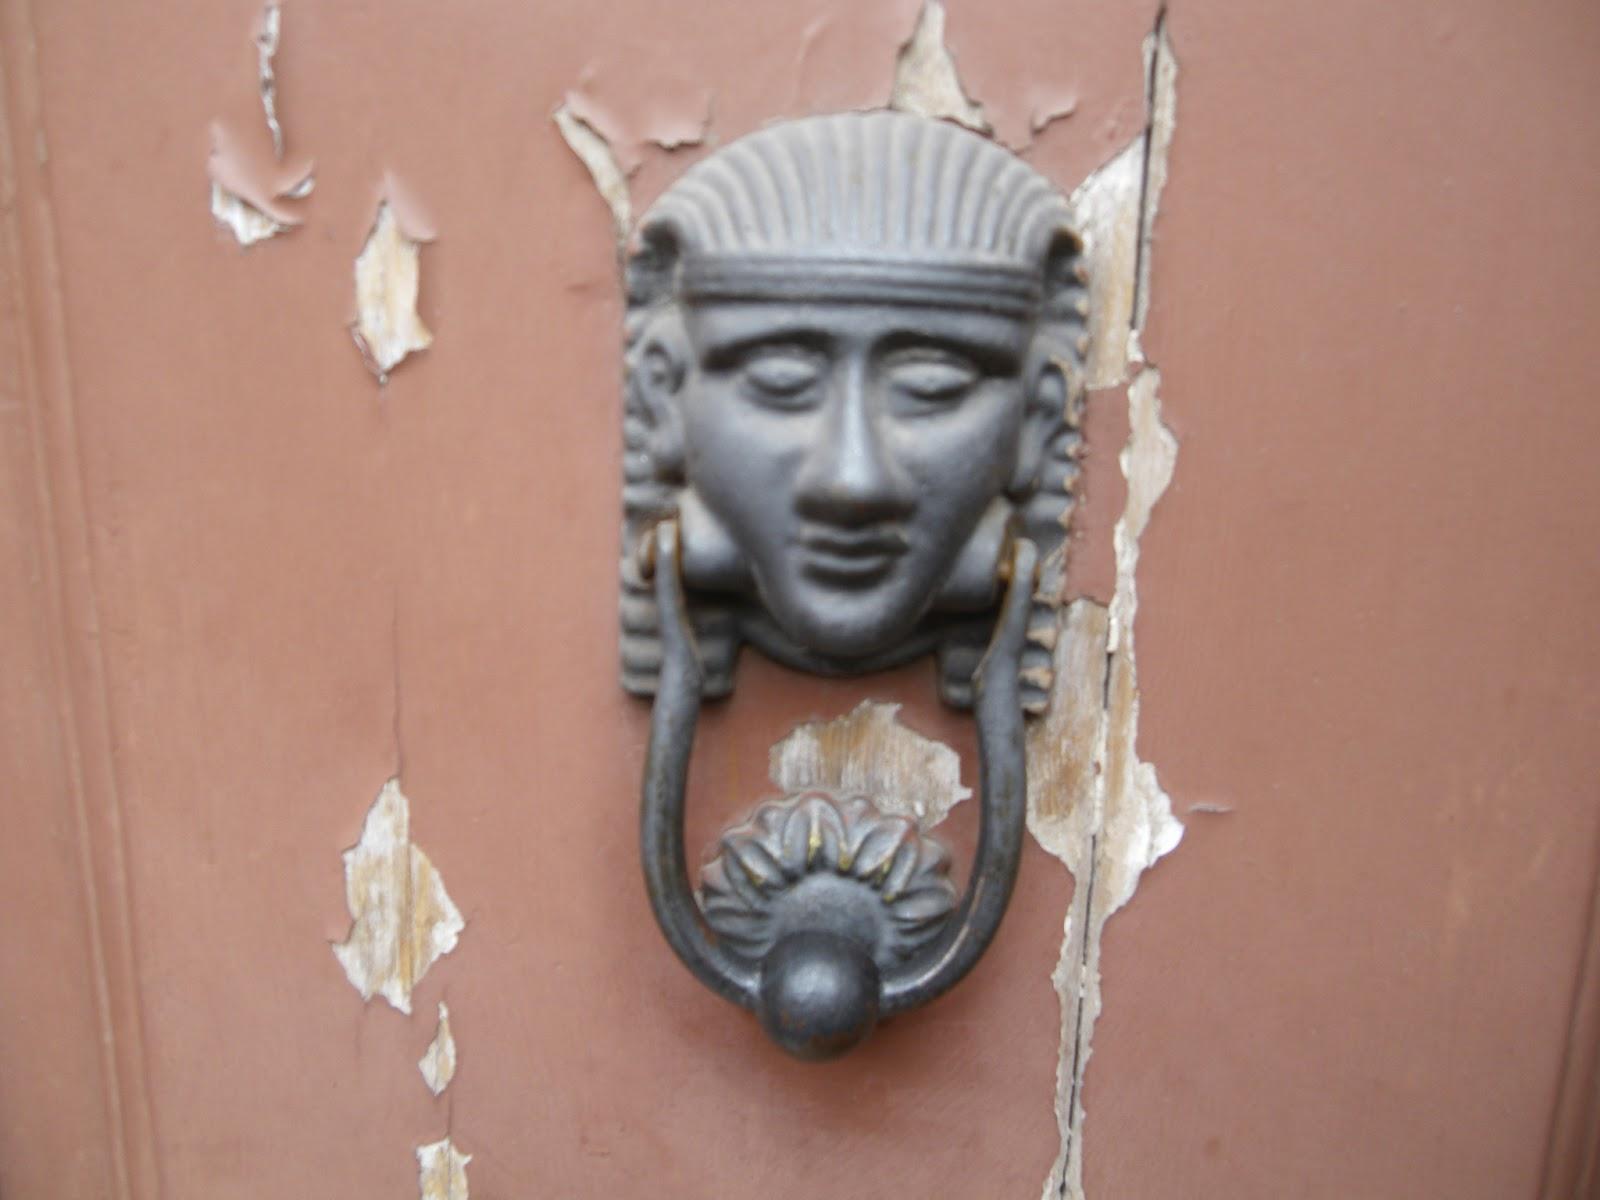 Cronarmerina oggetto utile ma in disuso - Batacchio porta ...